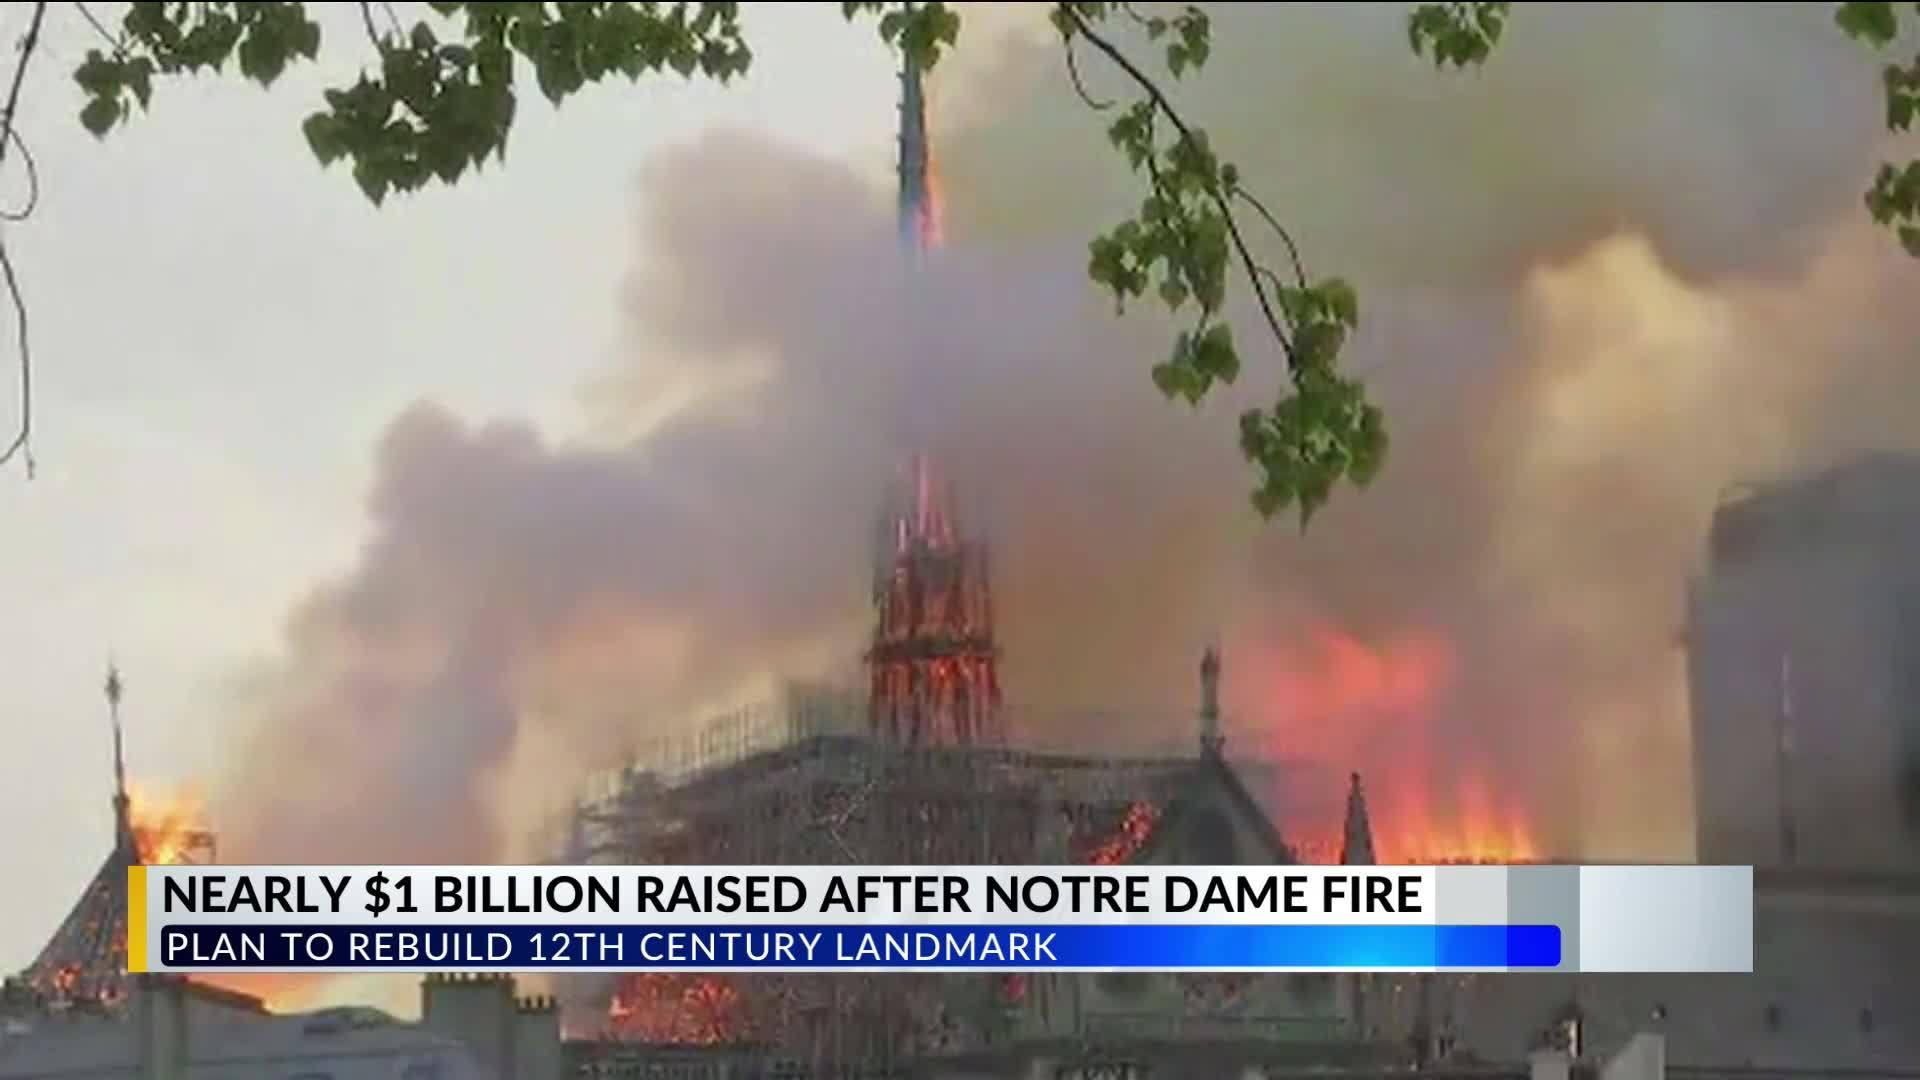 Almost__1_Billion_Given_to_Rebuild_Notre_7_20190417221942